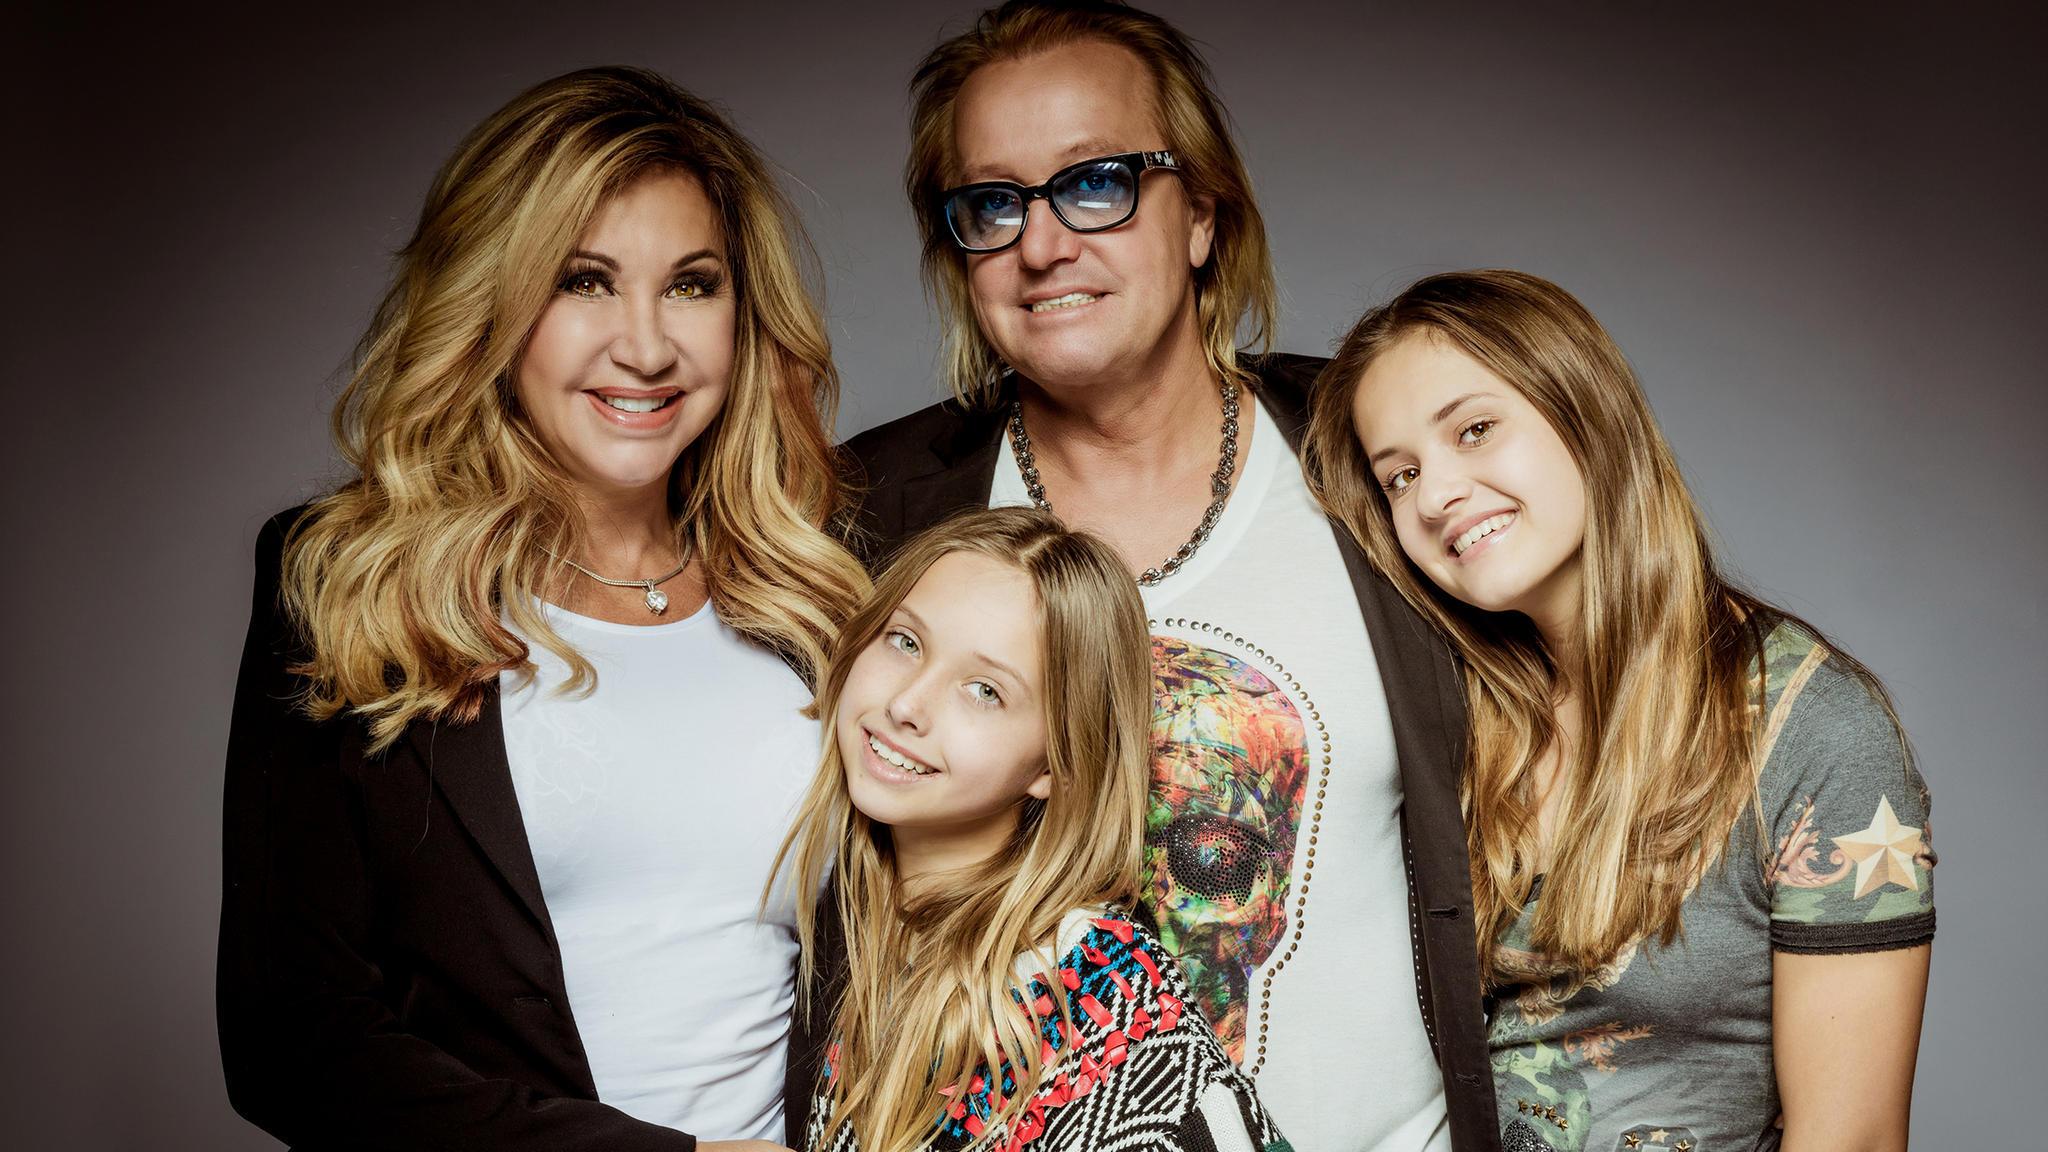 Carmen und Robert Geiss mit ihren Töchtern Davina und Shania